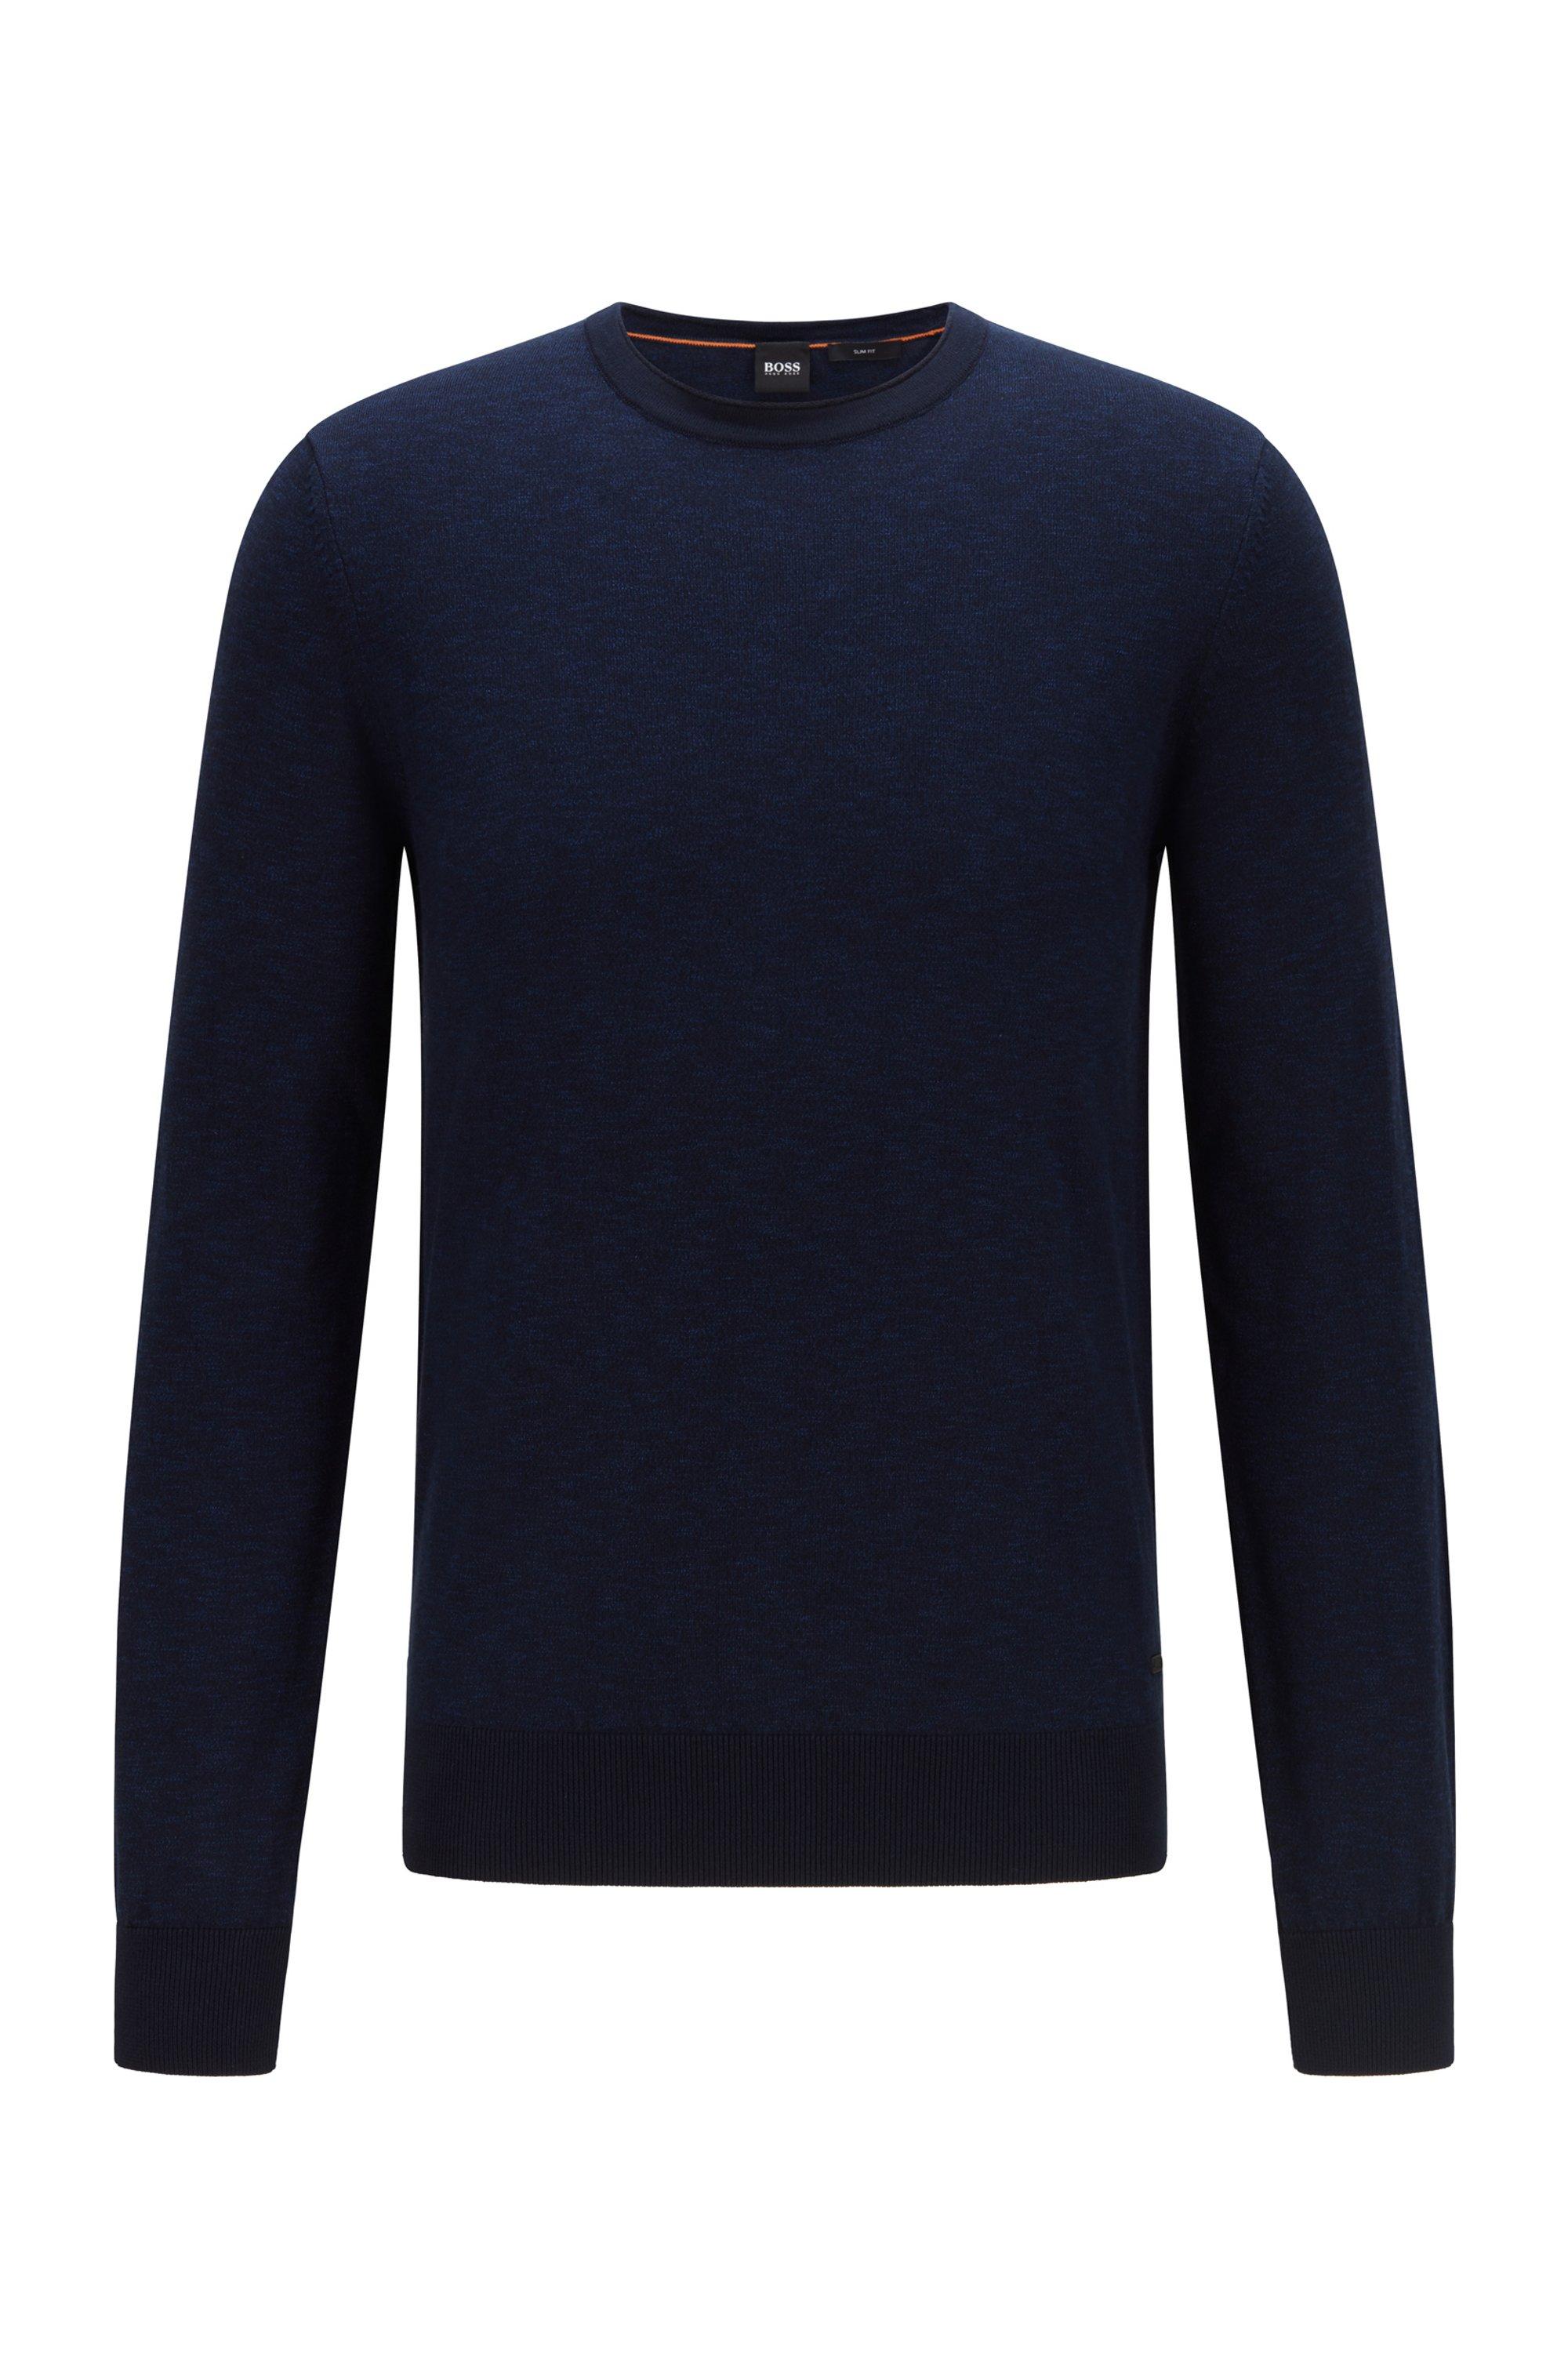 Slim-fit trui van katoen met gerolde kraag, Donkerblauw